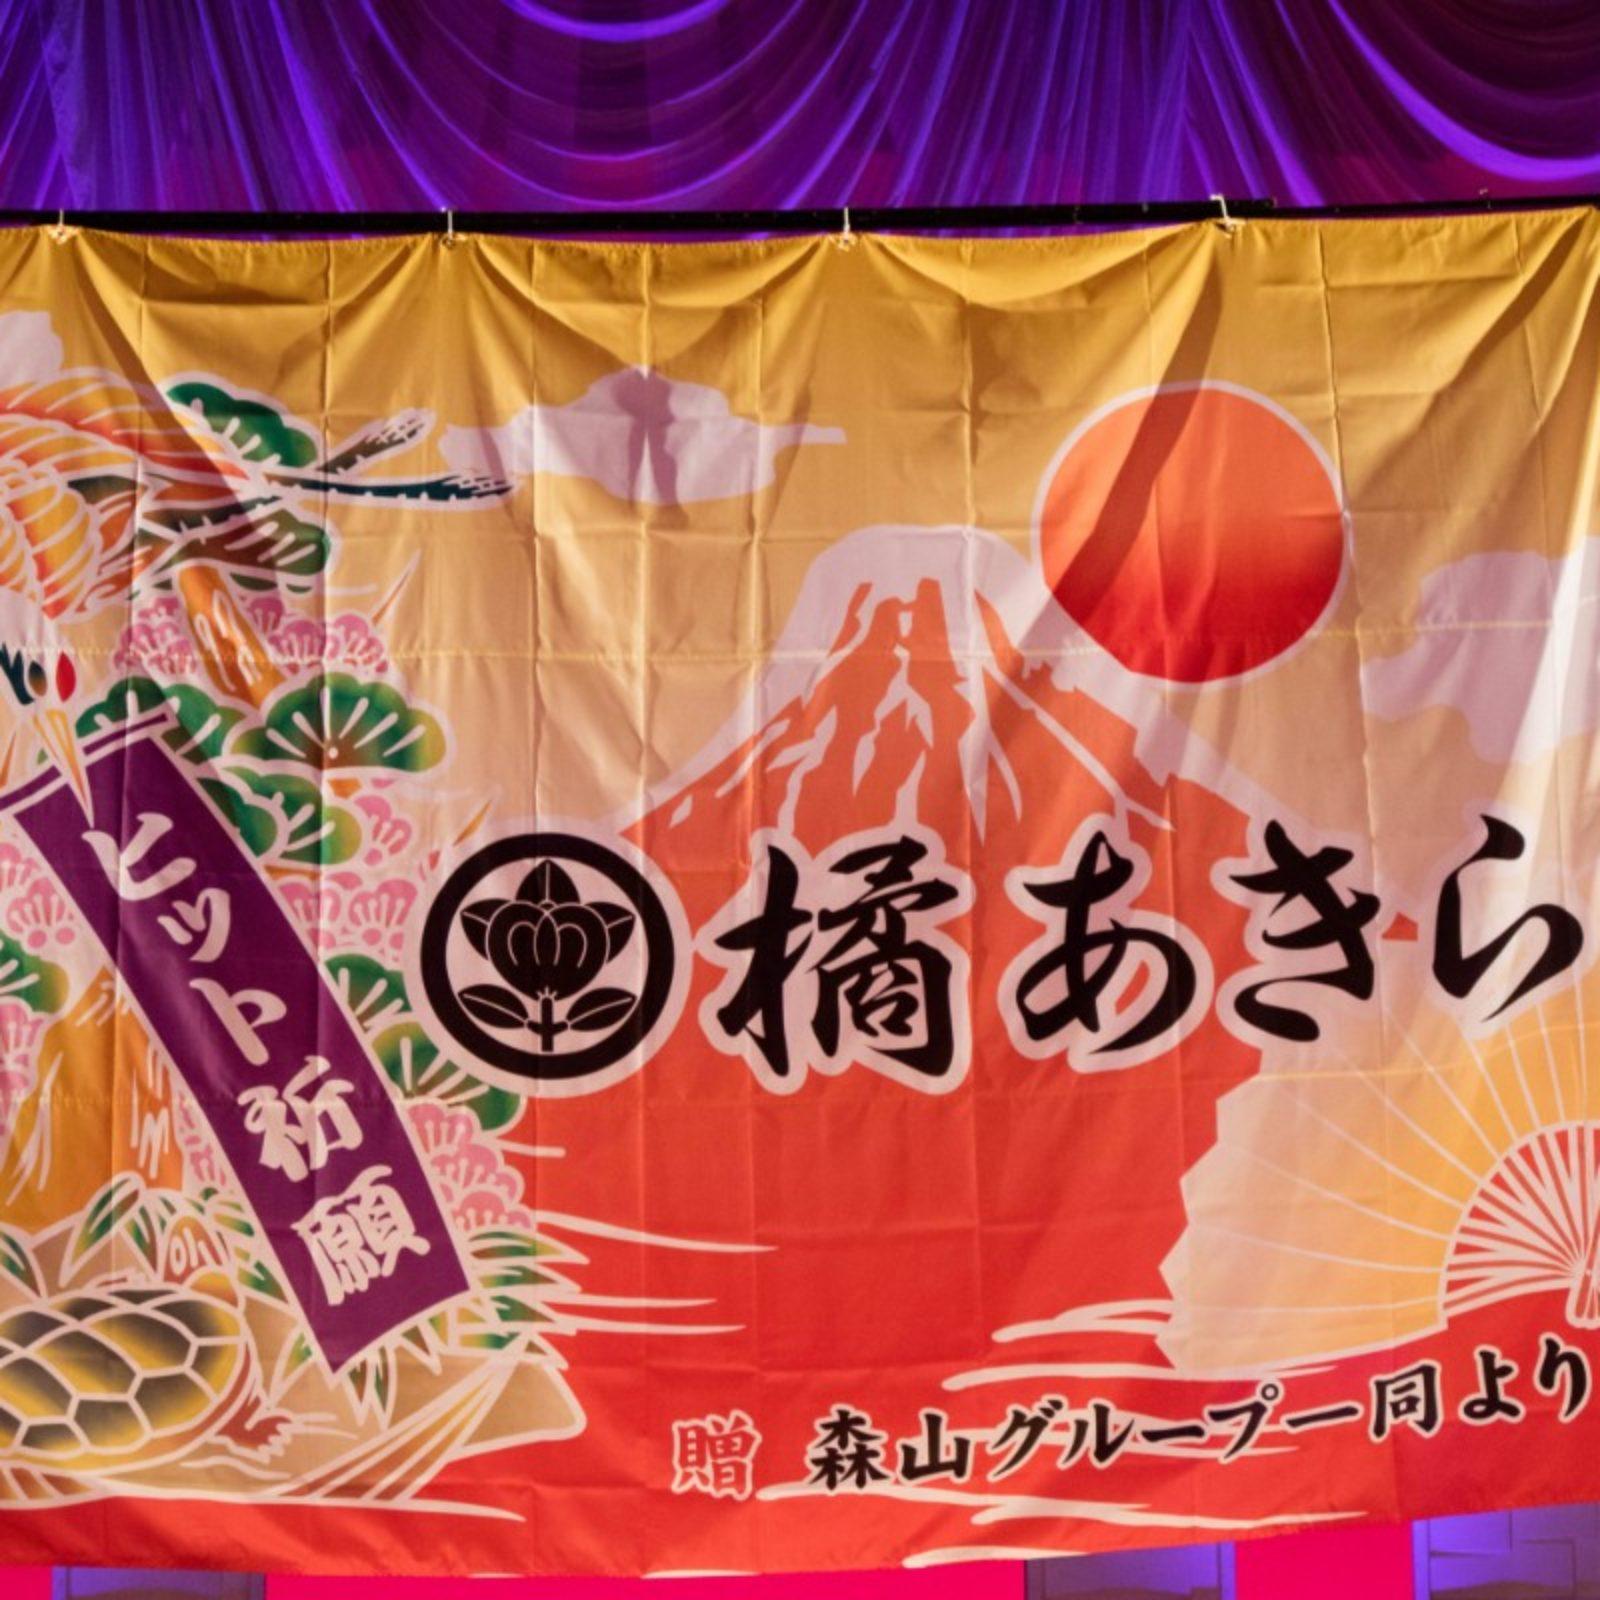 「気仙の海漁」大漁旗贈呈ありがとうございます❗